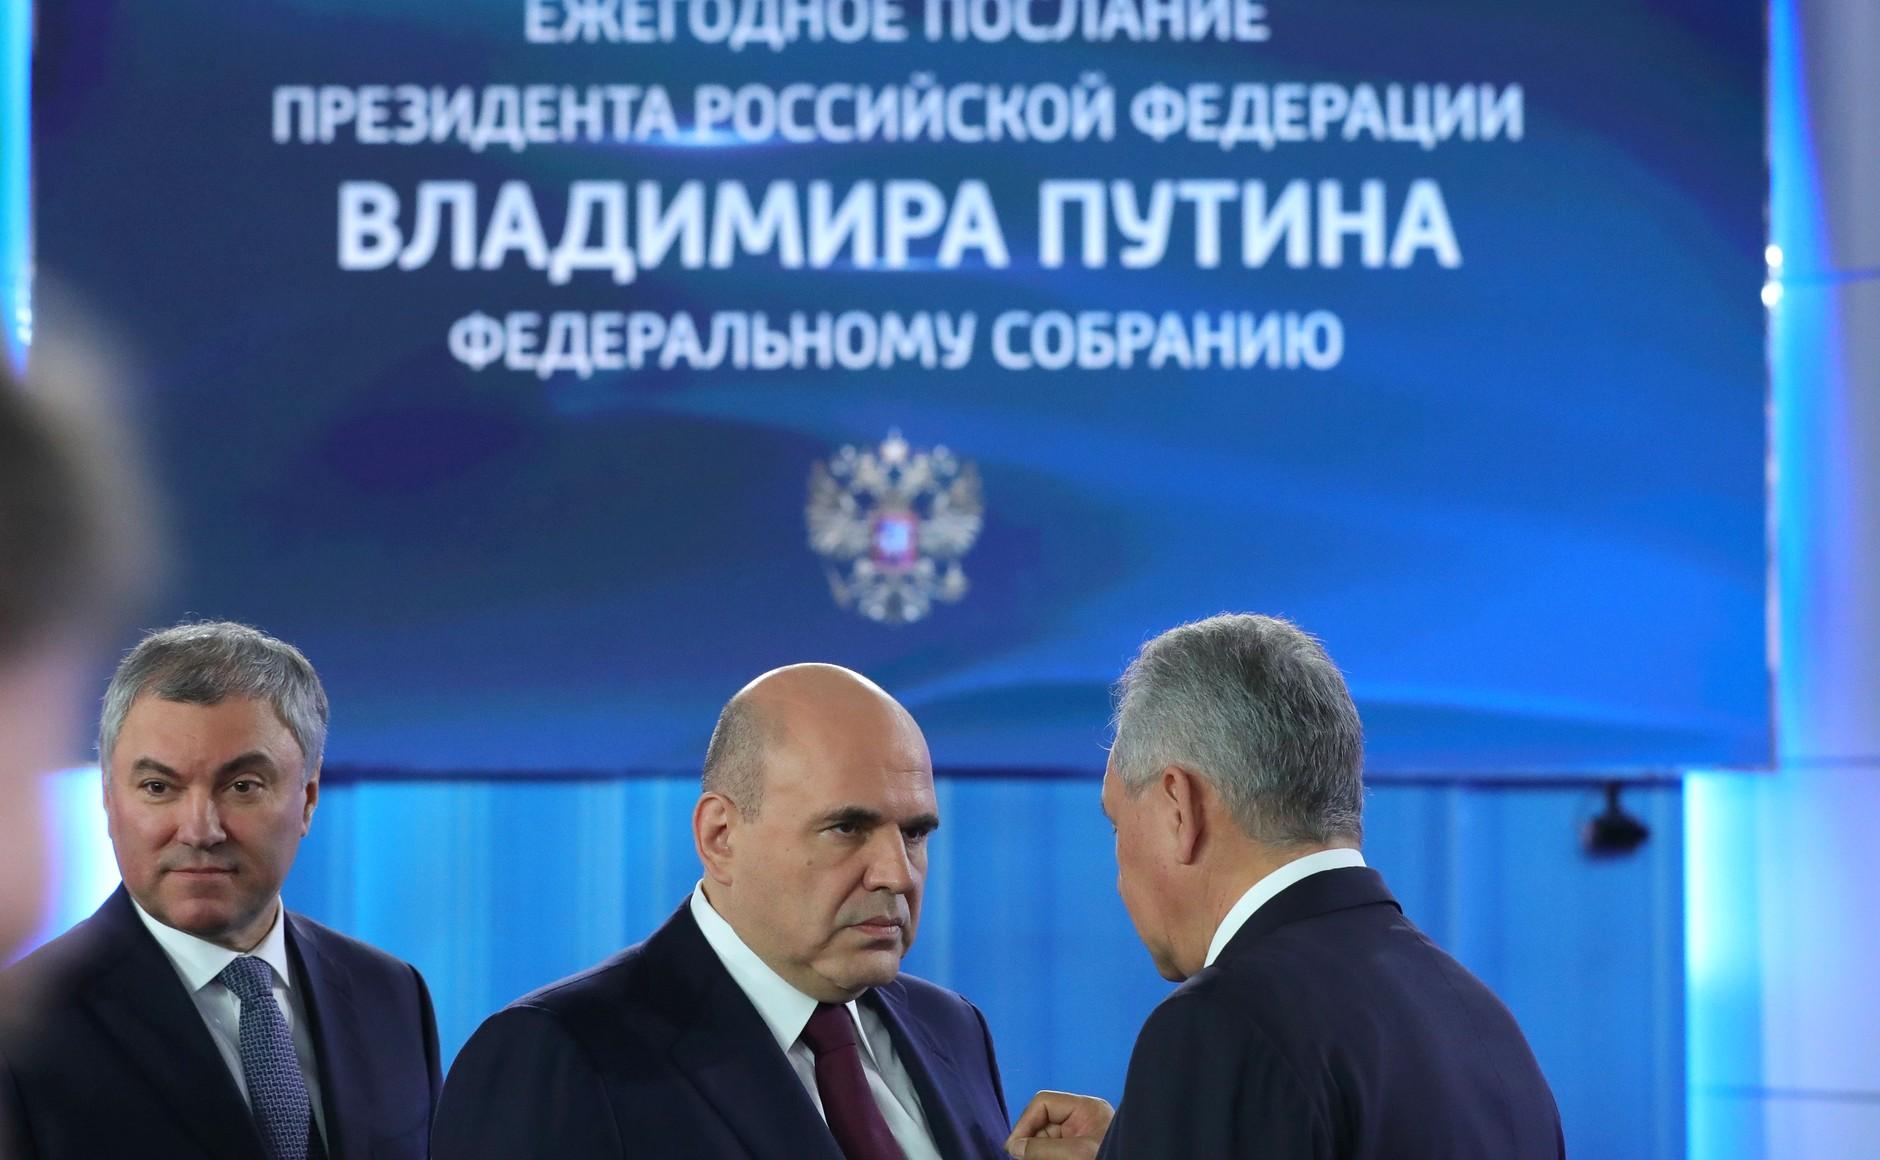 Путин, Мишустин, Володин